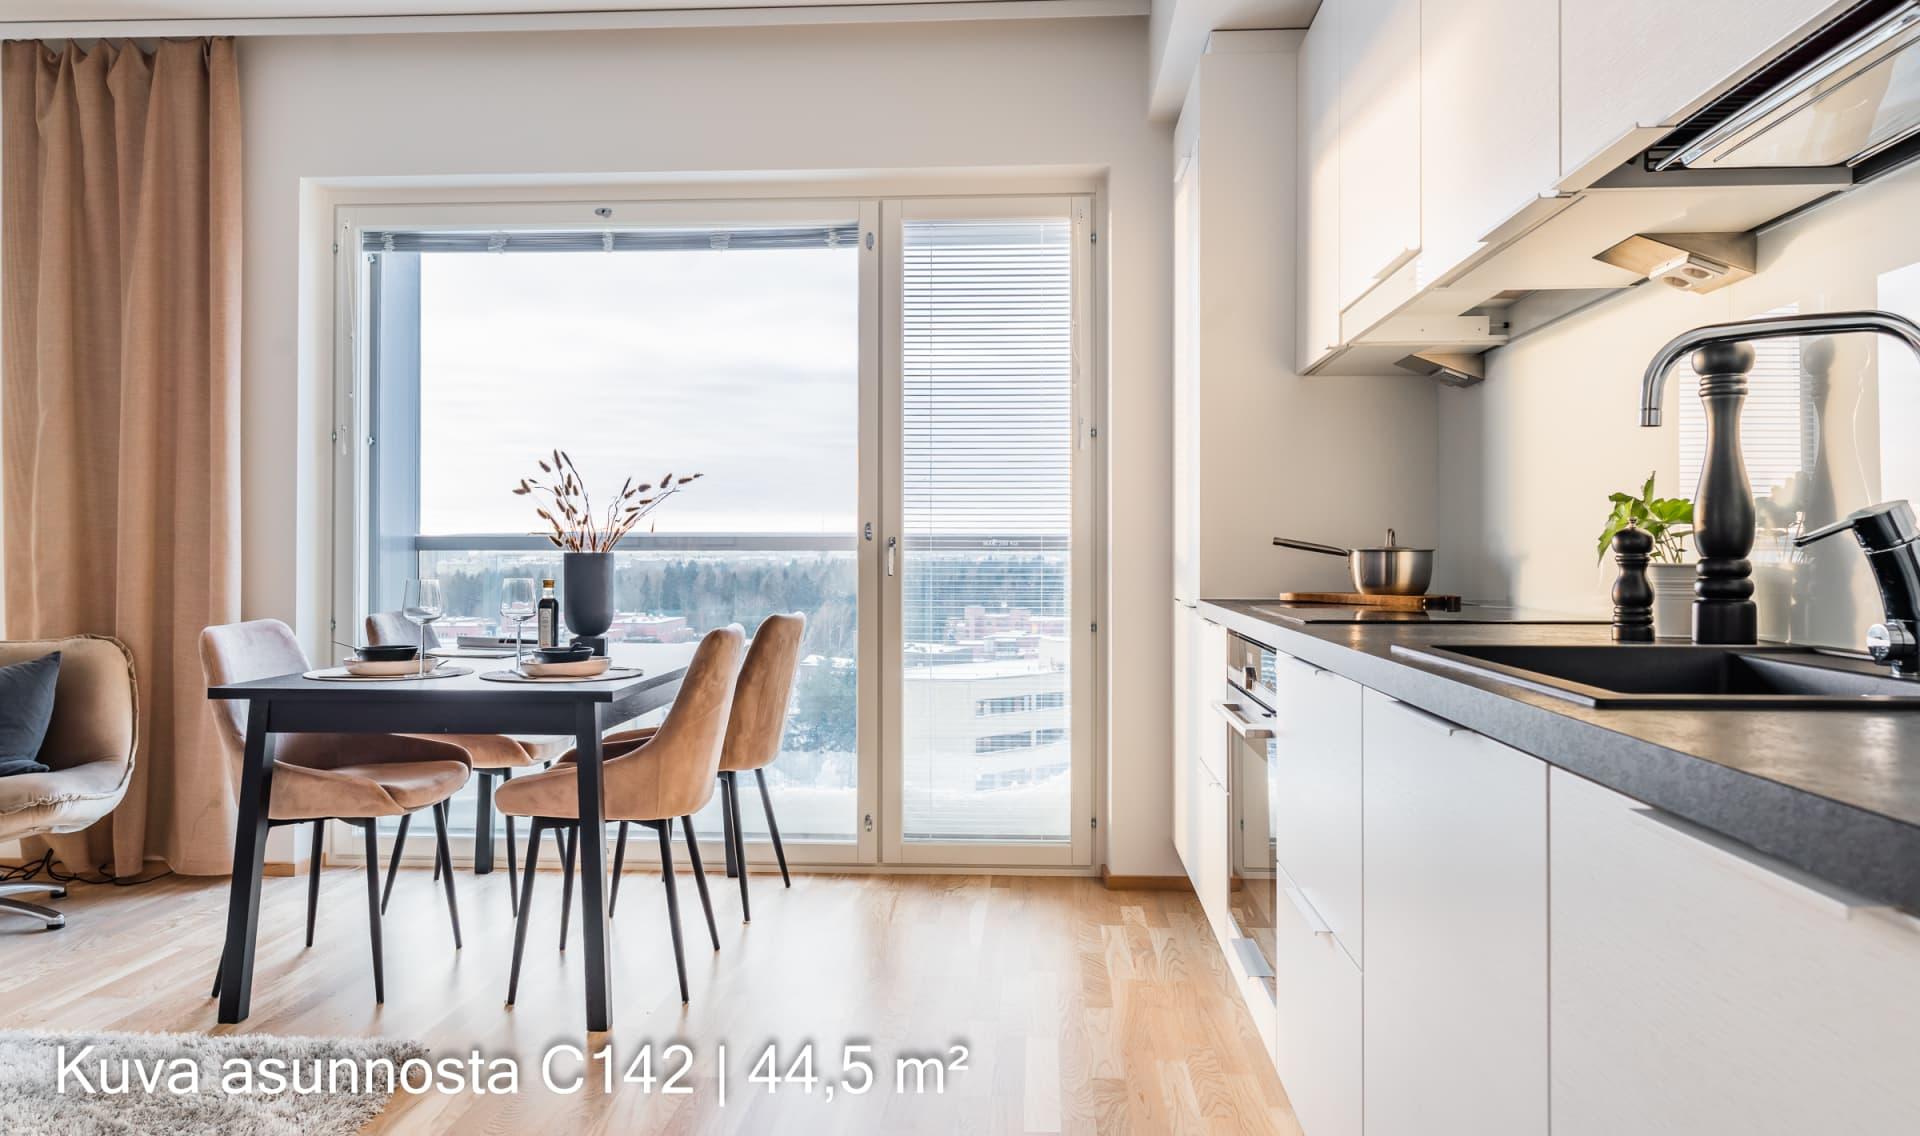 Myytävät asunnot Helsinki - Asunto Oy Helsingin Klyyga - Tripla - YIT